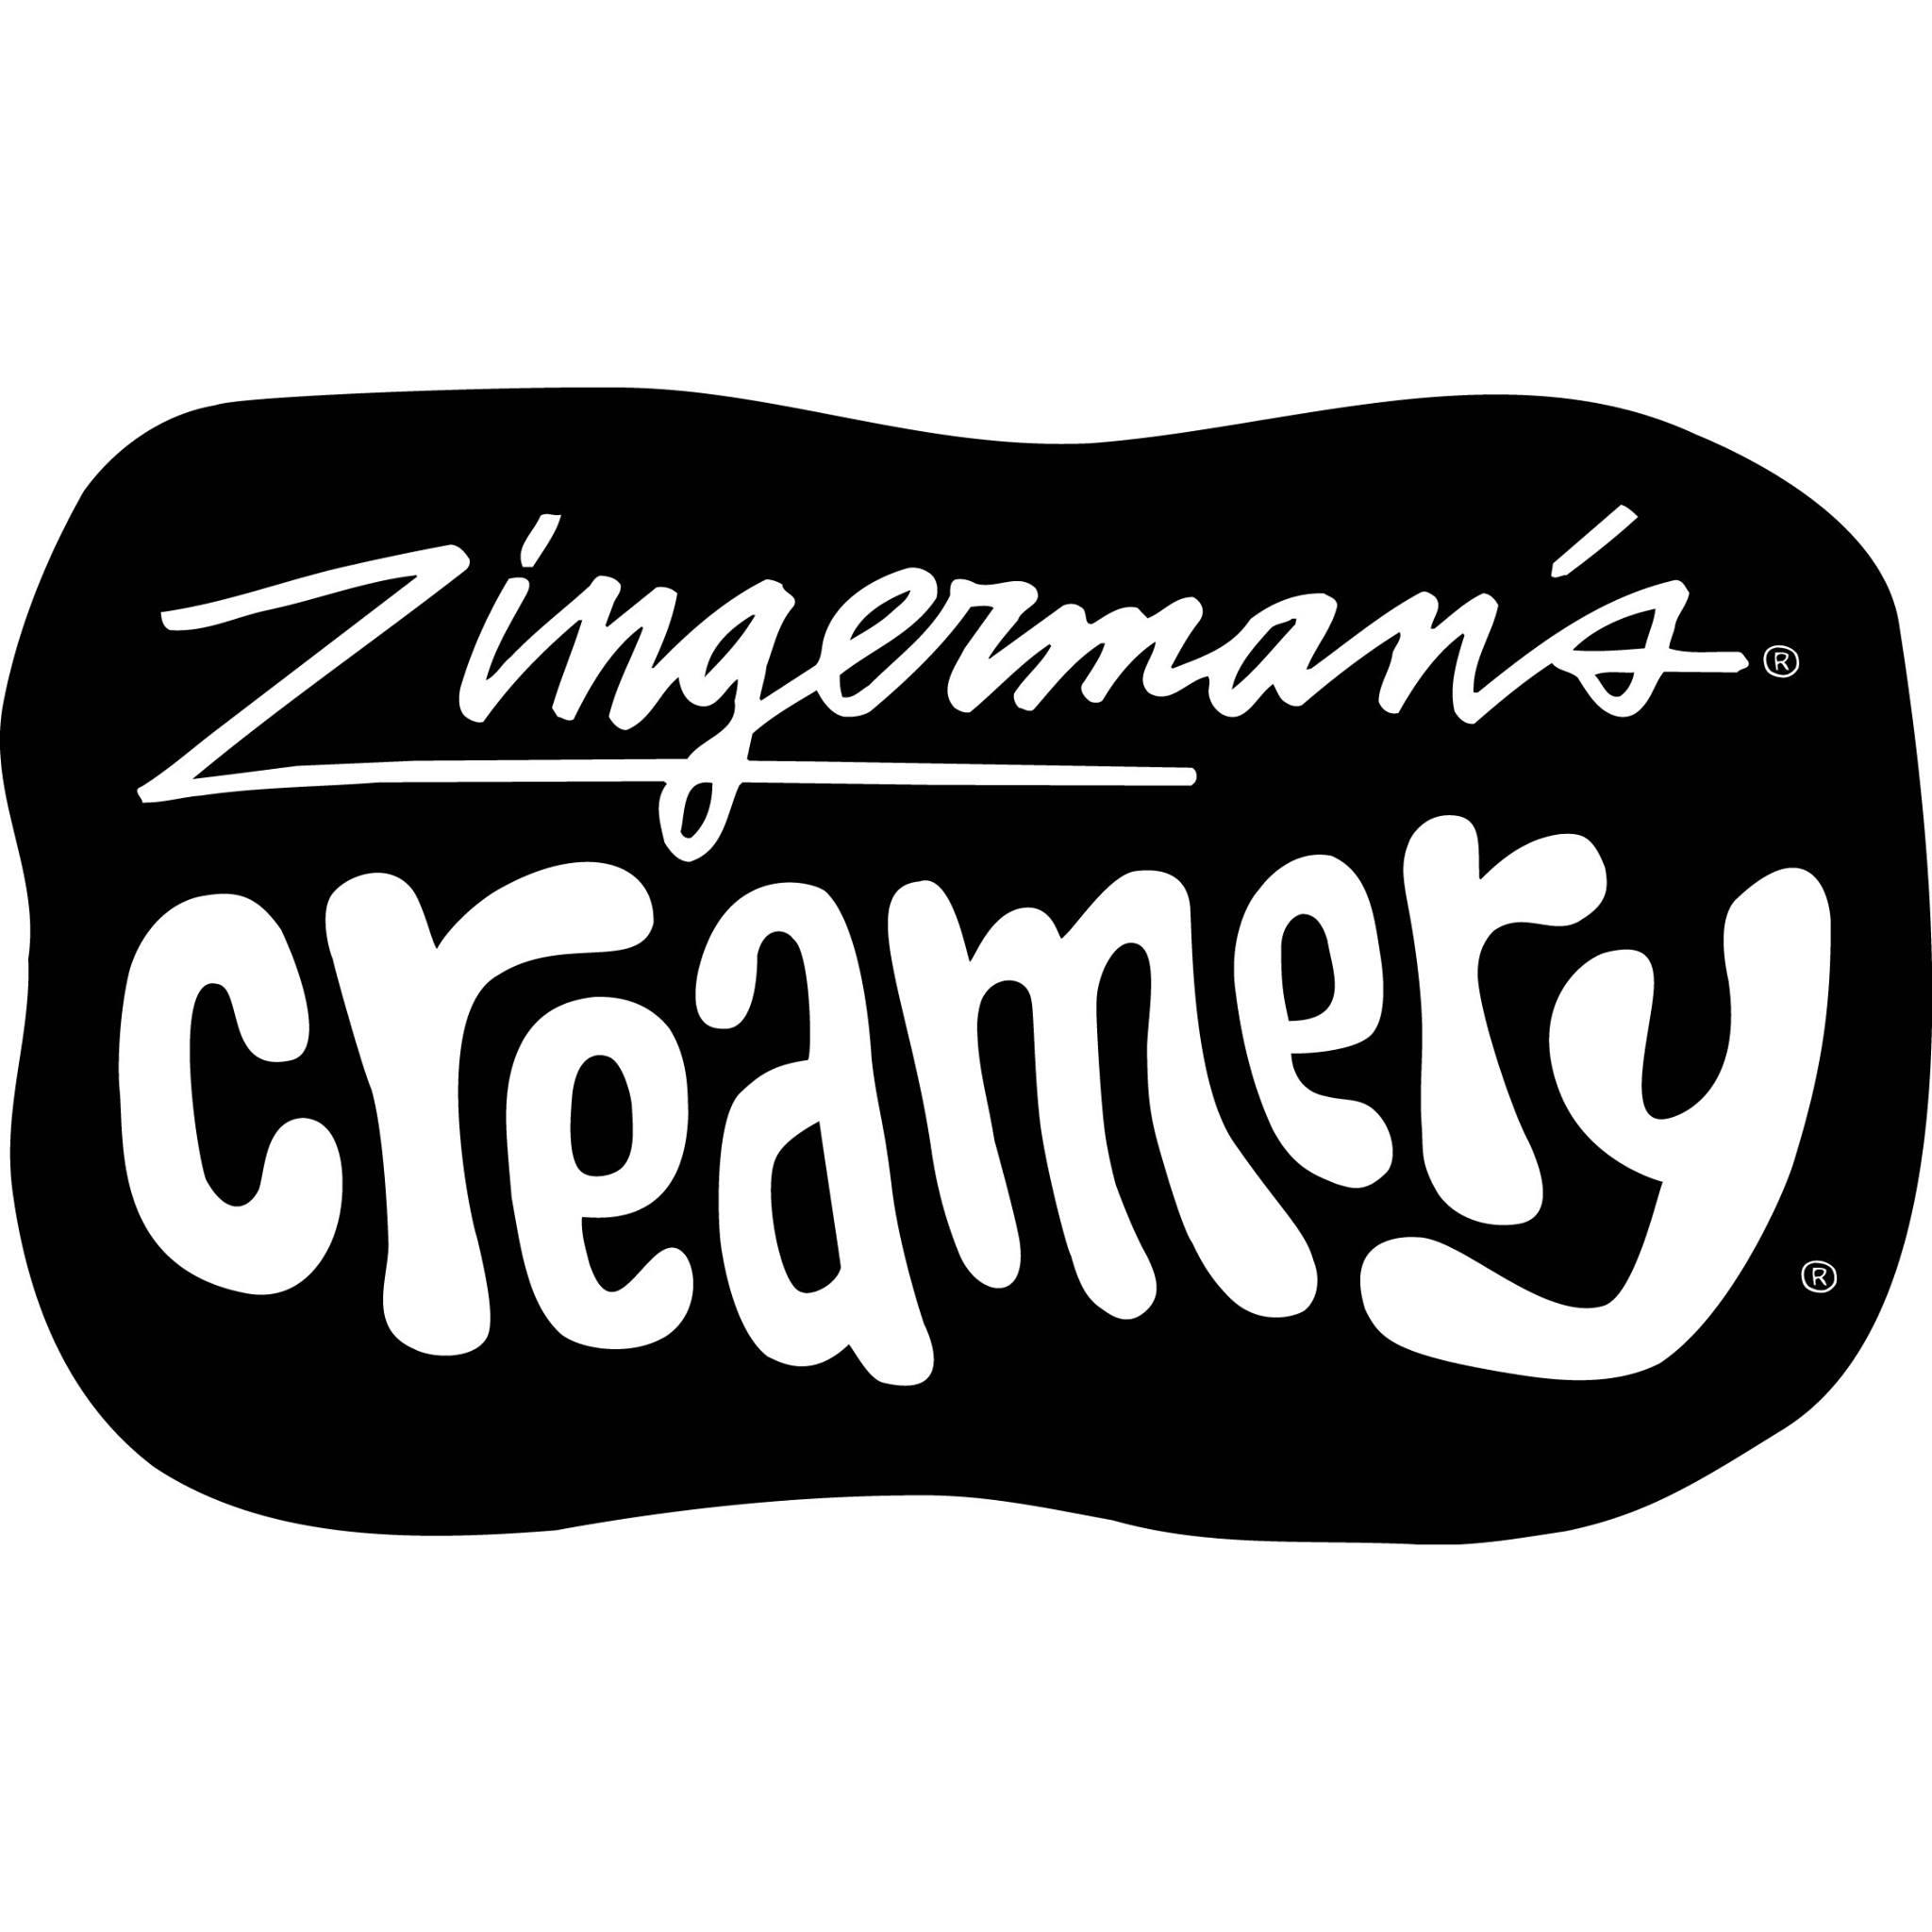 Zingermans Creamery